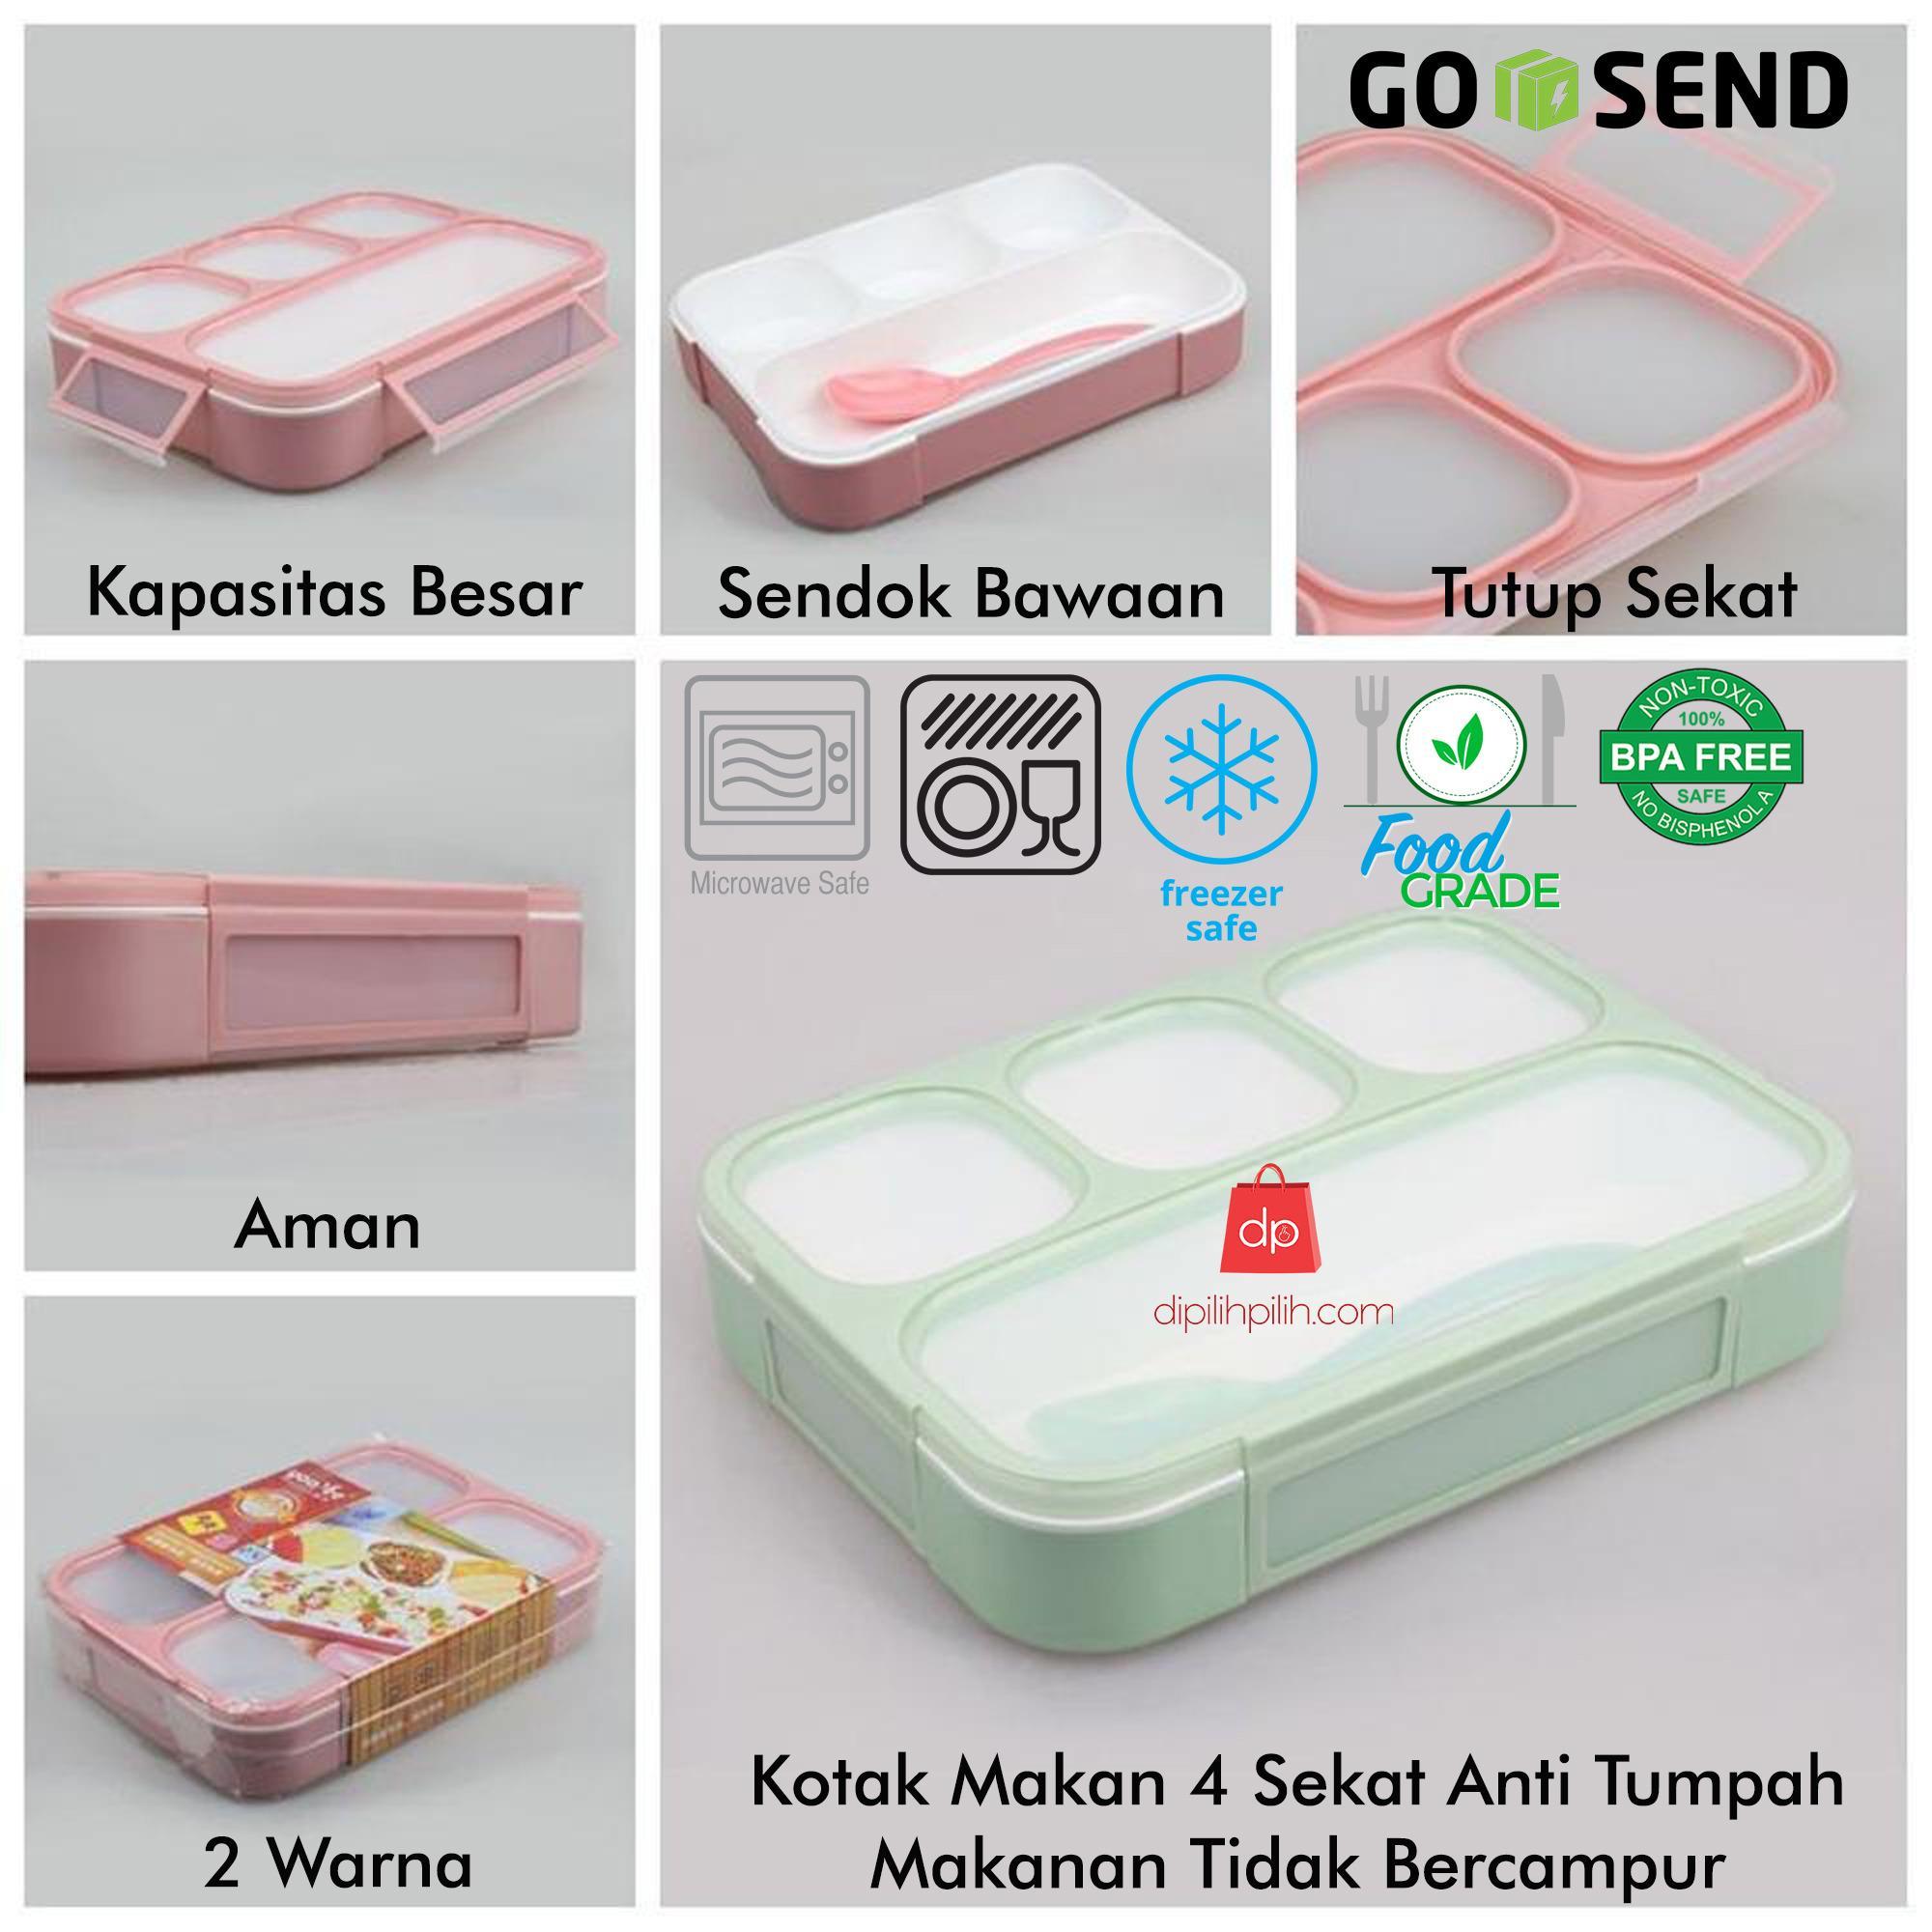 Yooyee 579 Lunch Box Kotak Makan Sekat 3 Grid Bento Anti Bocor Pink 4 Sup Leak Proof